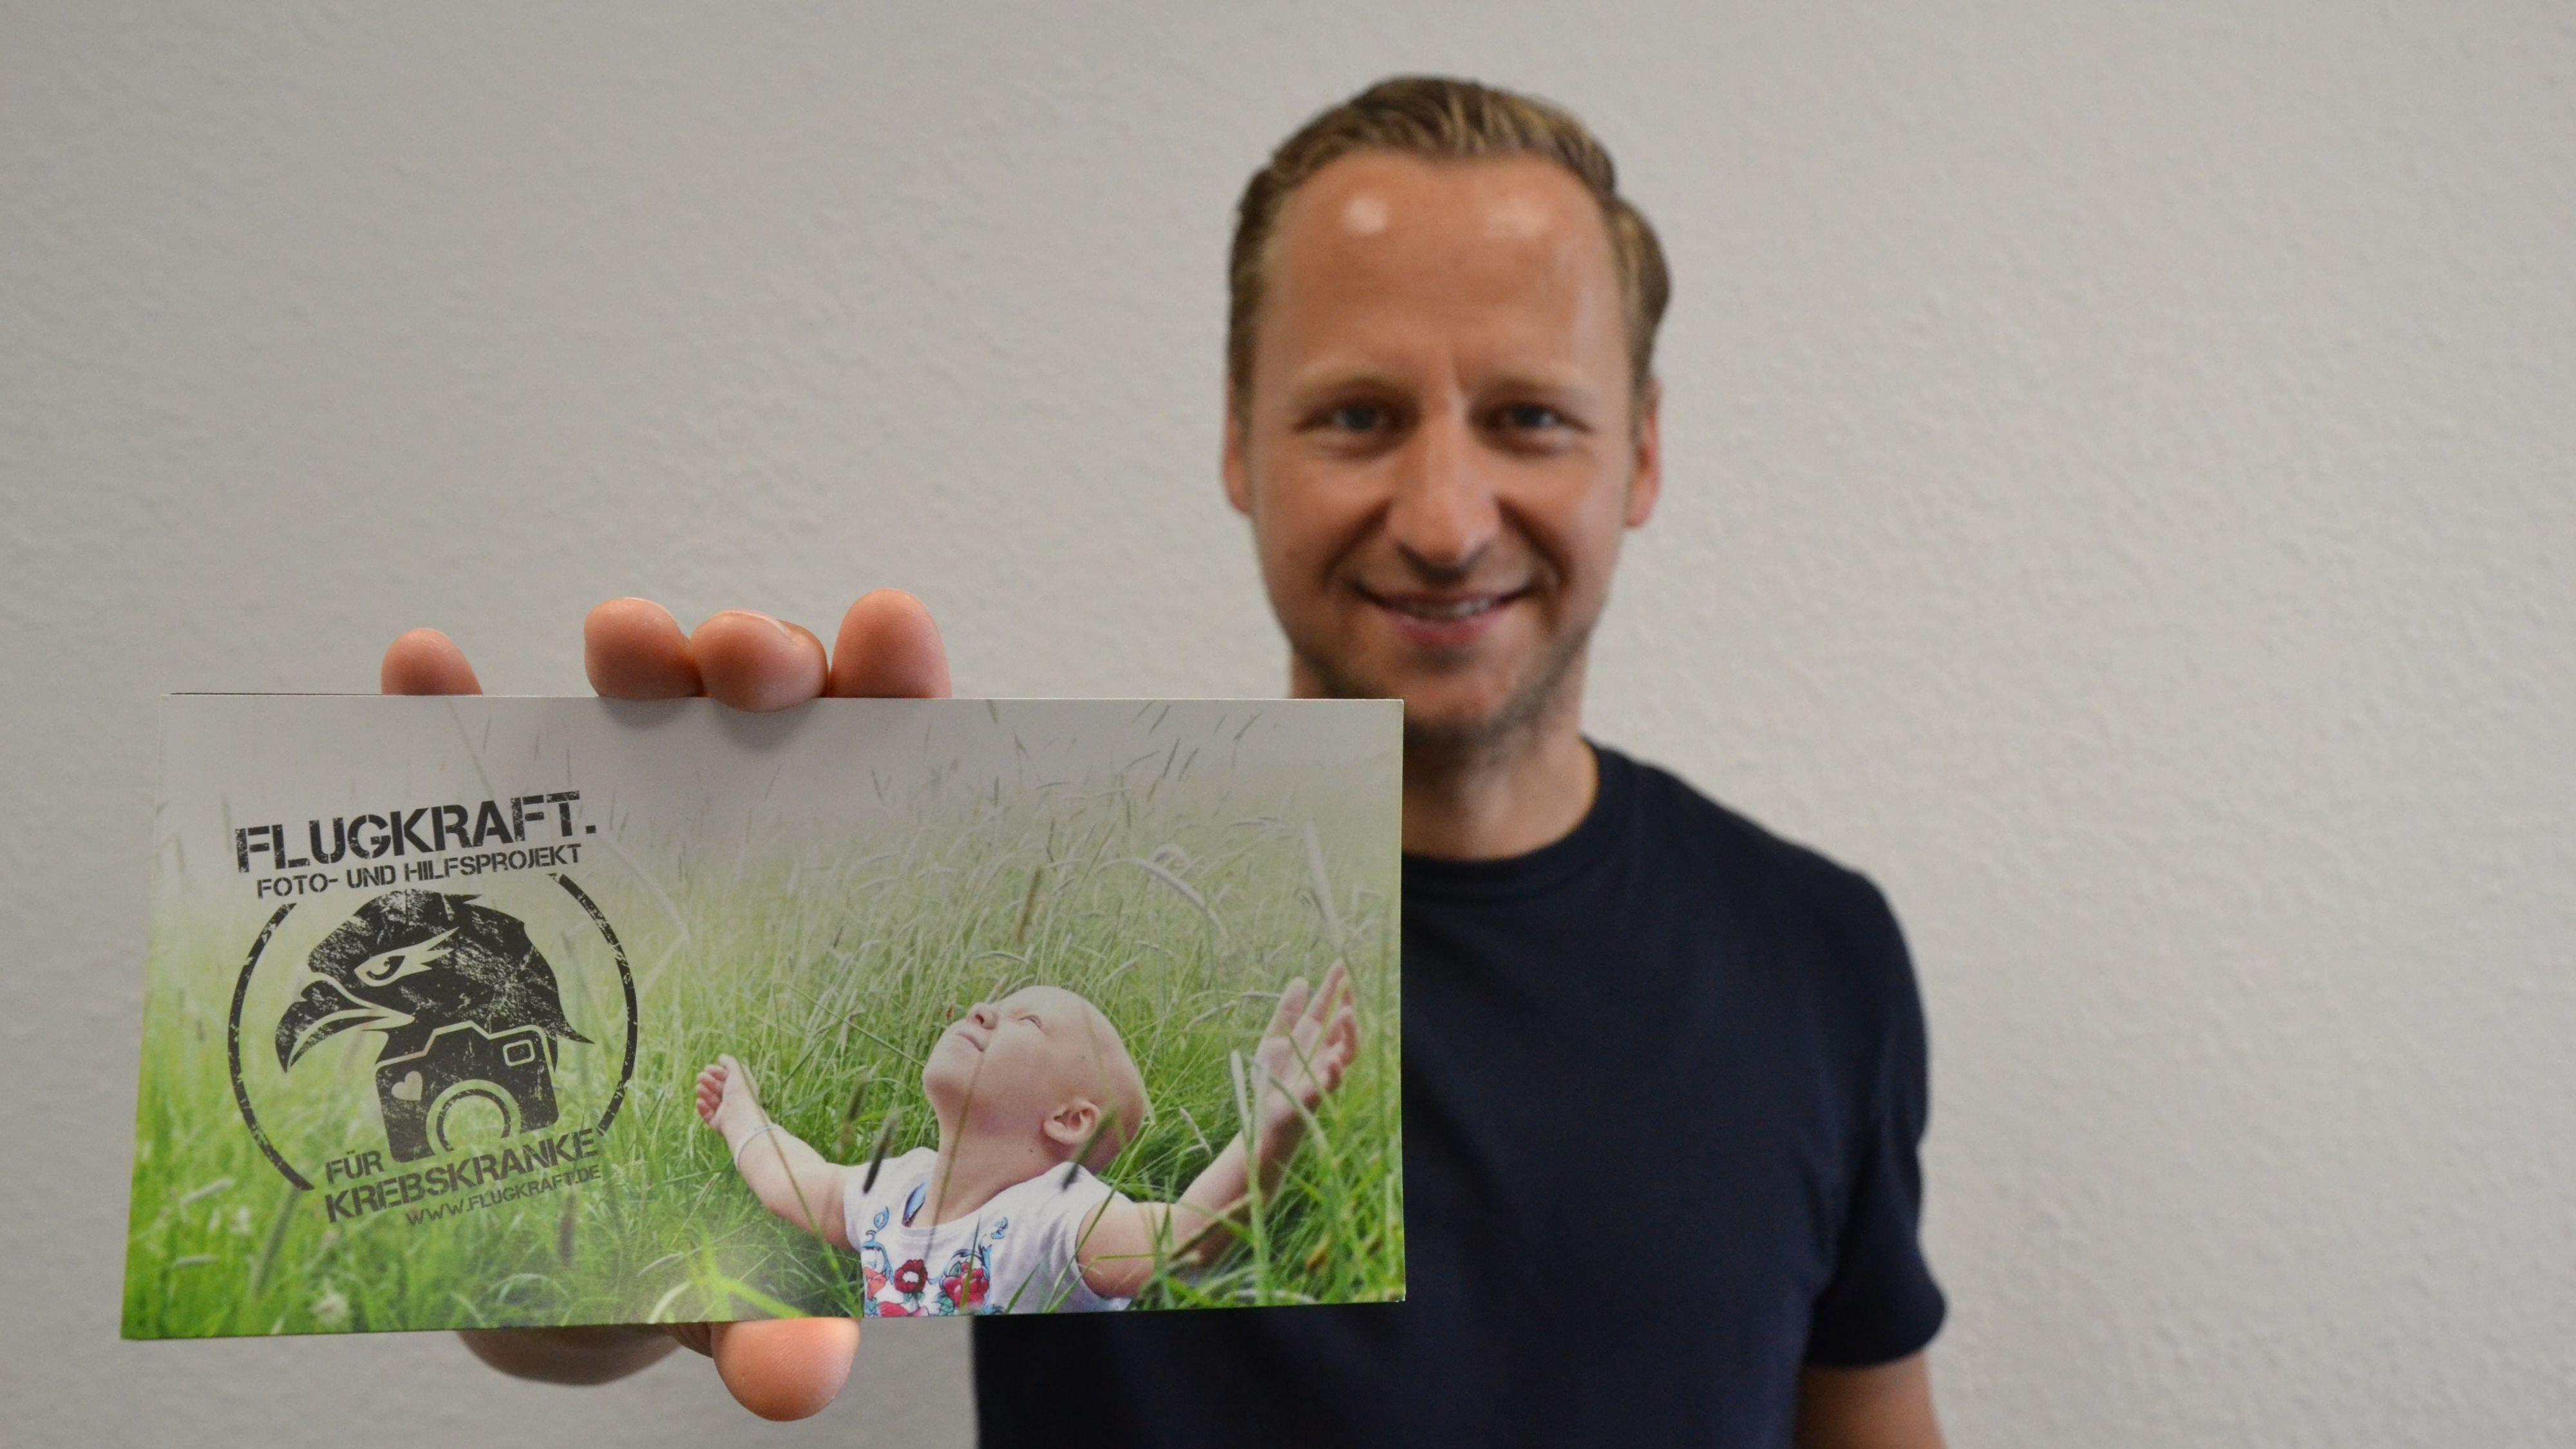 Unterstützt krebskranke Kinder. Bernd Eick rührt auf seiner Deutschlandtour die Werbetrommel. Foto: Meyer